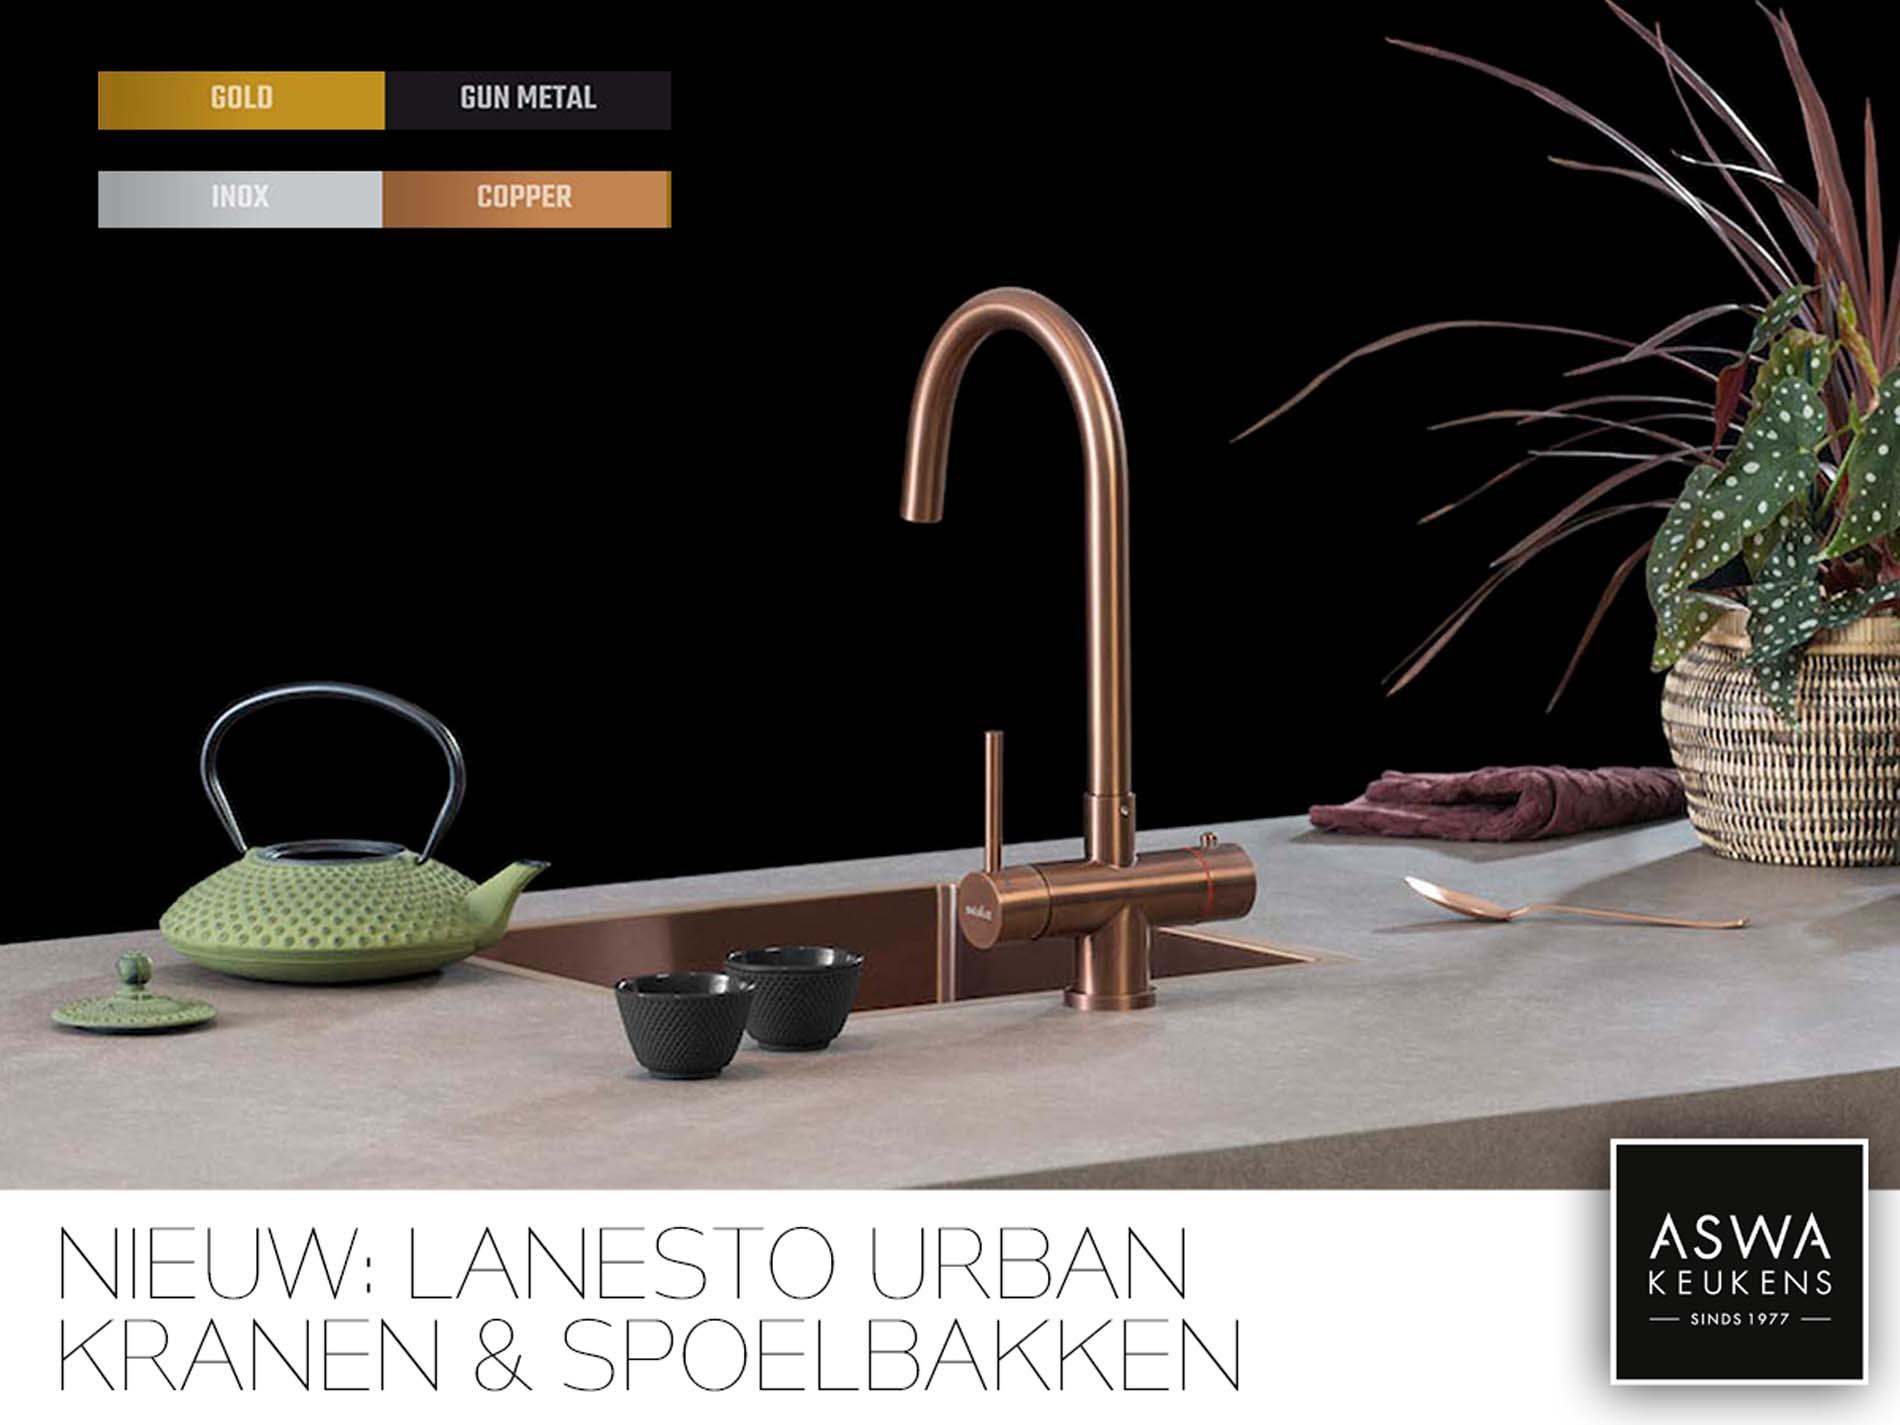 Lanesto Urban: de kraan / spoelbak die de stijl bepaalt!